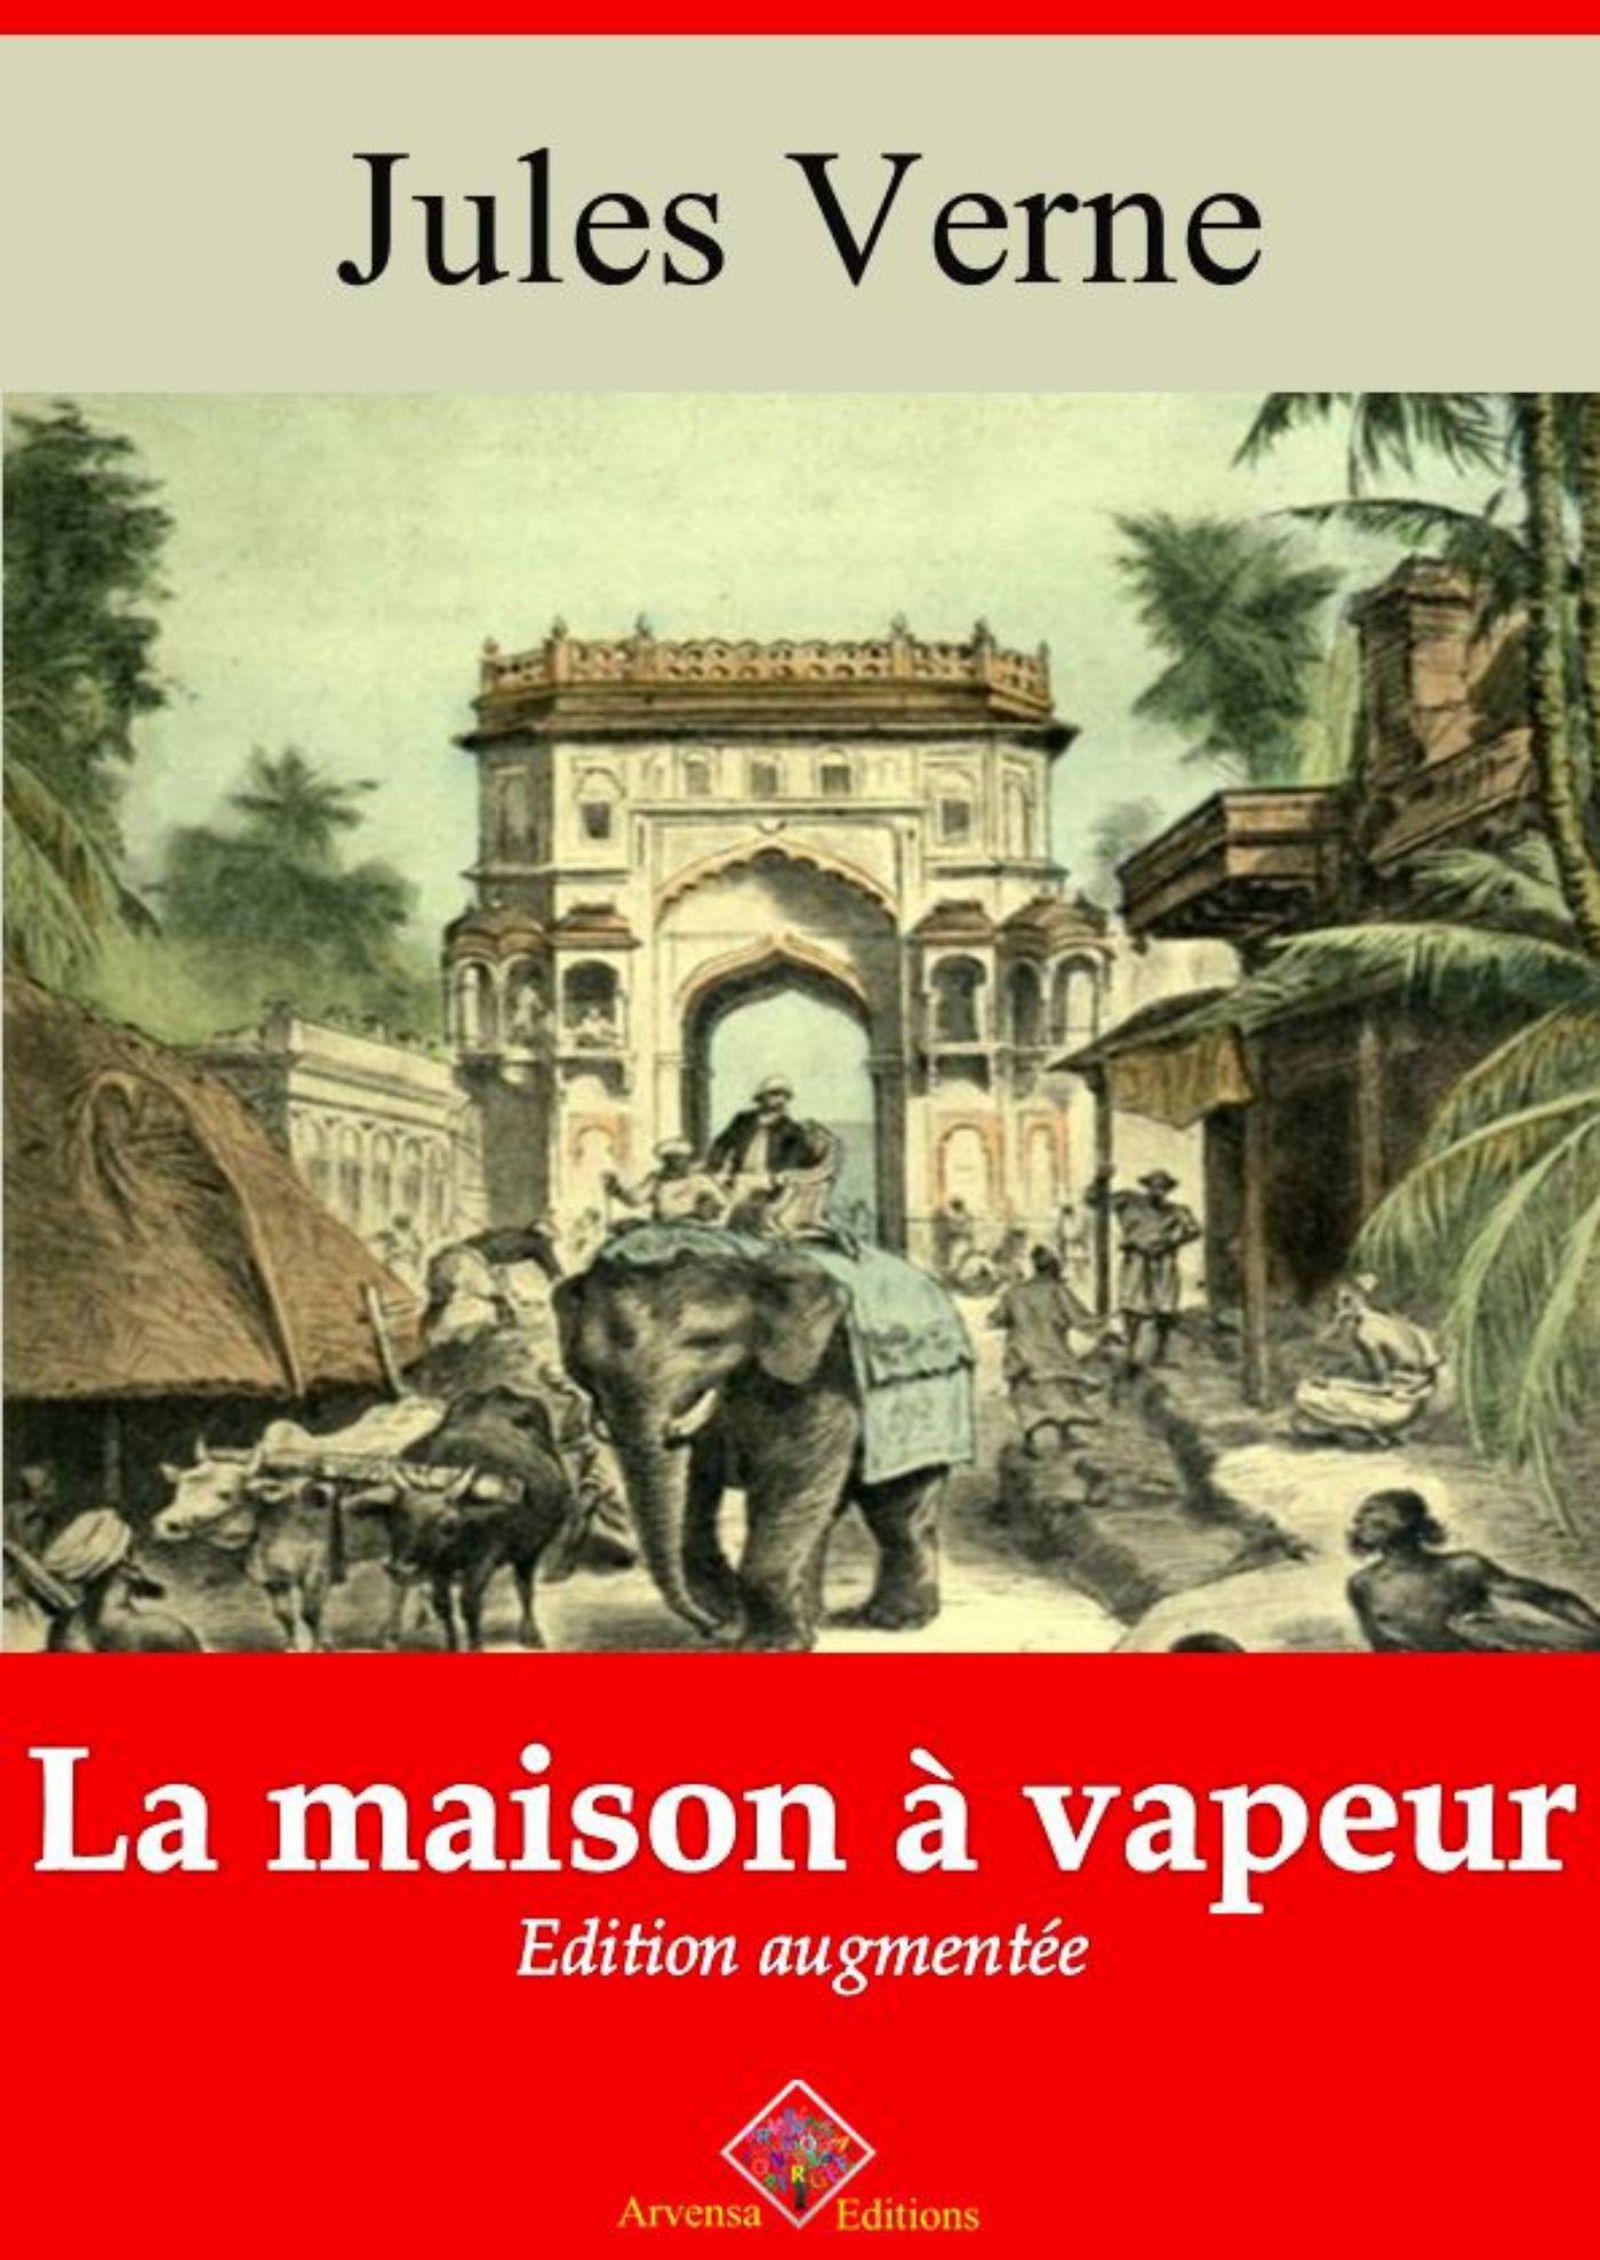 La Maison à vapeur - suivi d'annexes  - Jules Verne (1828-1905)